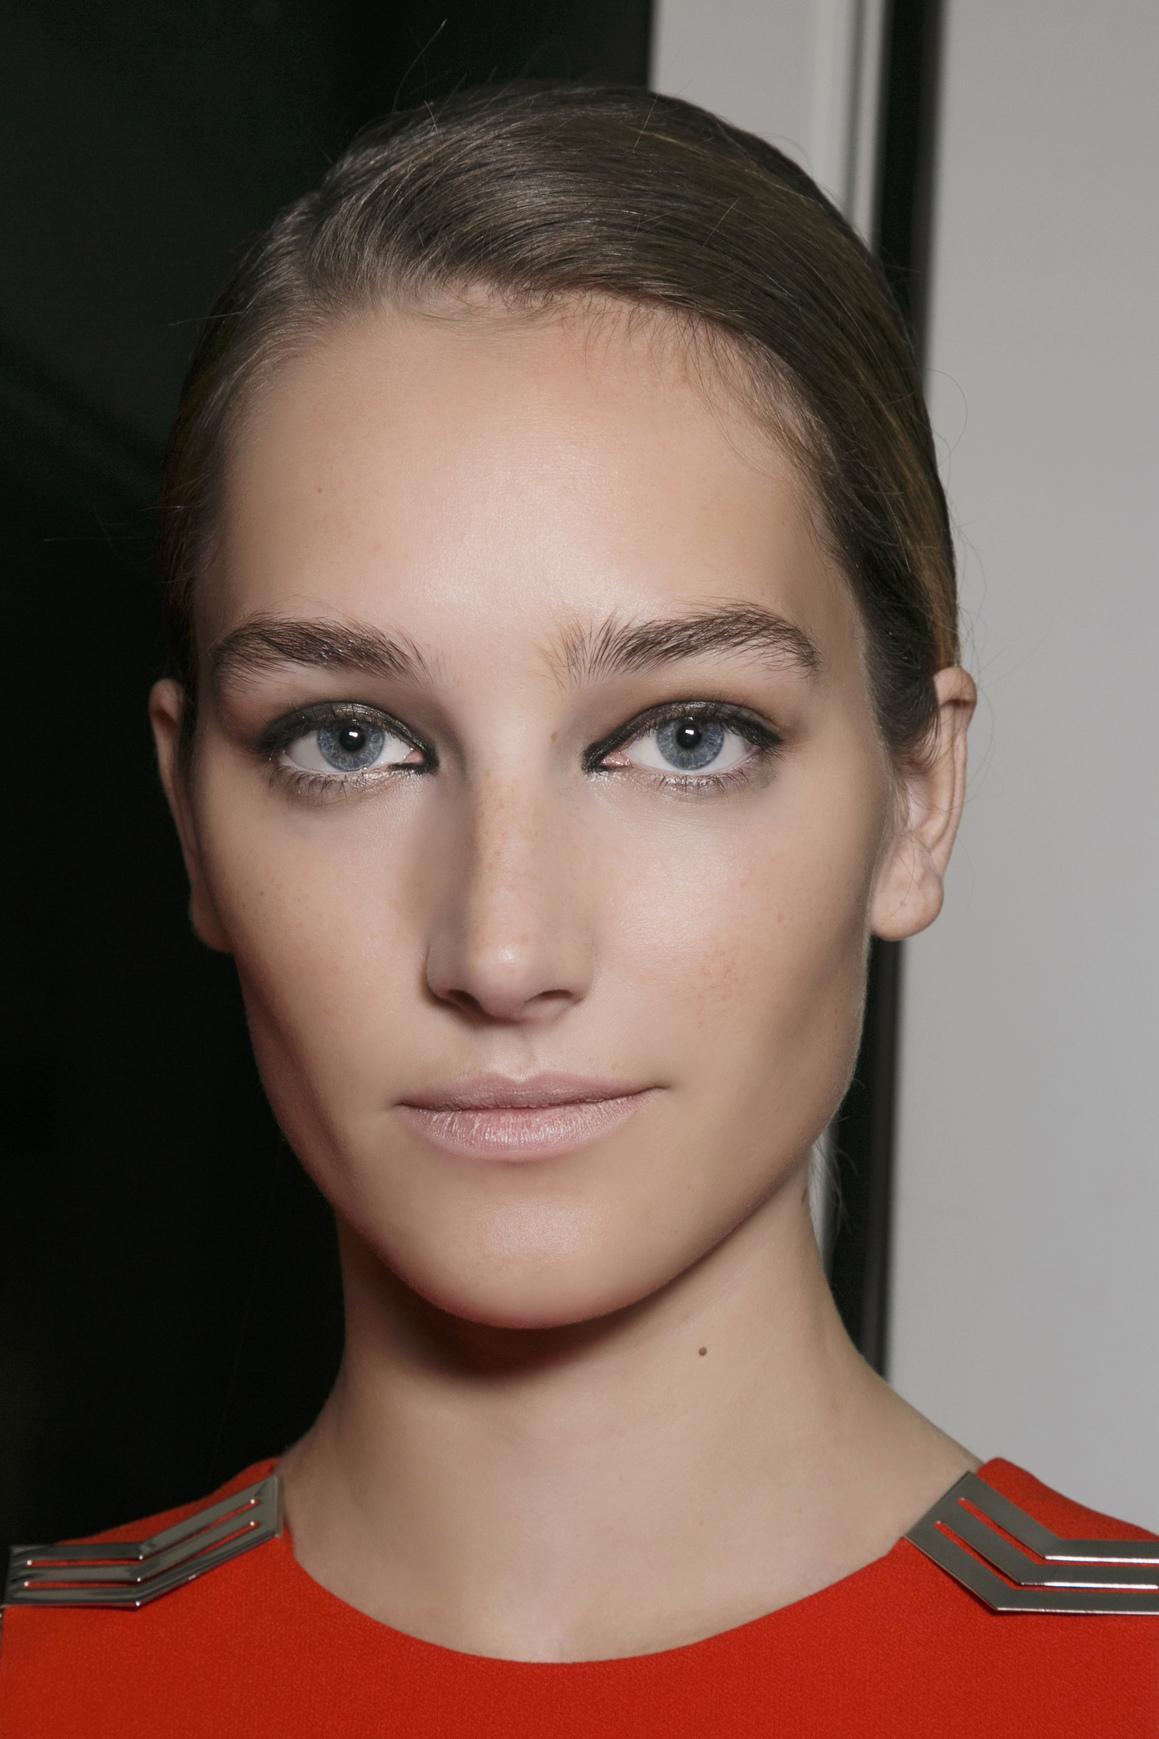 ... belles inspirations de maquillage estival repérées pendant les défilés    Giambattista Valli Les plus belles inspirations de maquillage estival  repérées ... 49e6dae6340a